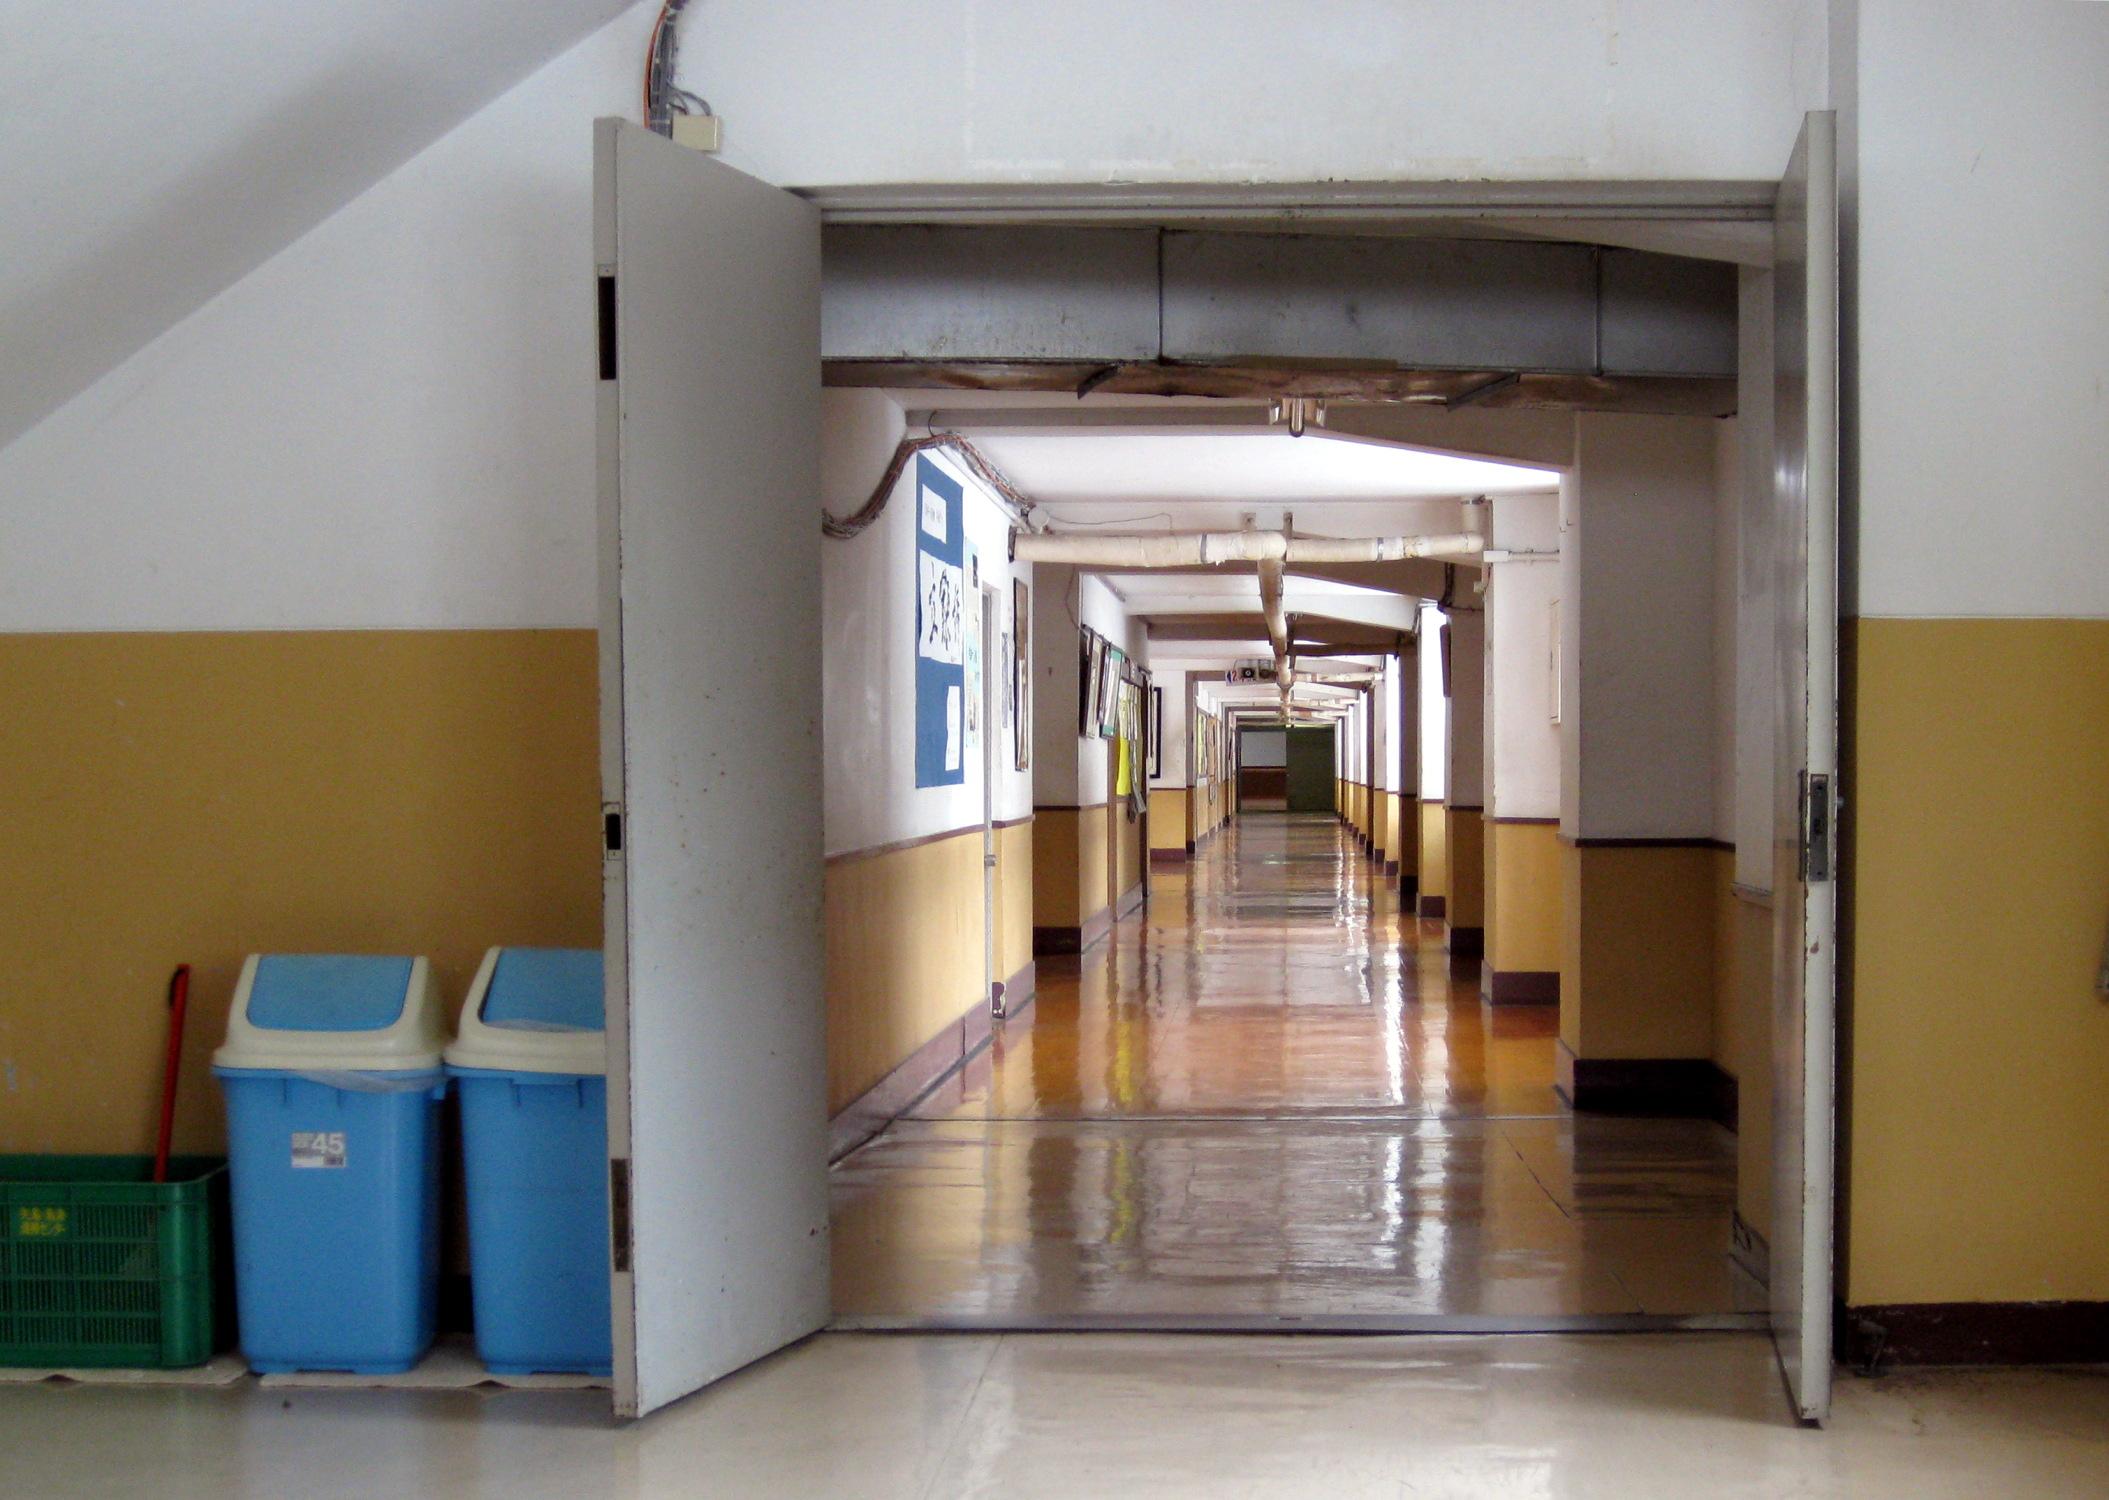 FileDoor and hallway at Yashima Junior High School.jpg & File:Door and hallway at Yashima Junior High School.jpg ...